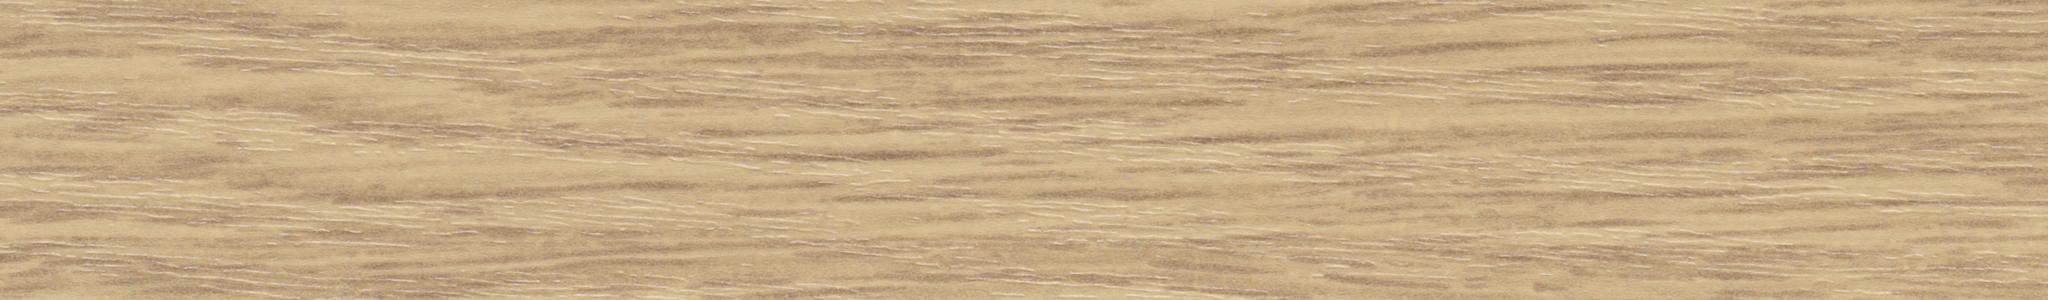 HD 44740 lamino hrana dub horský světlý gravír